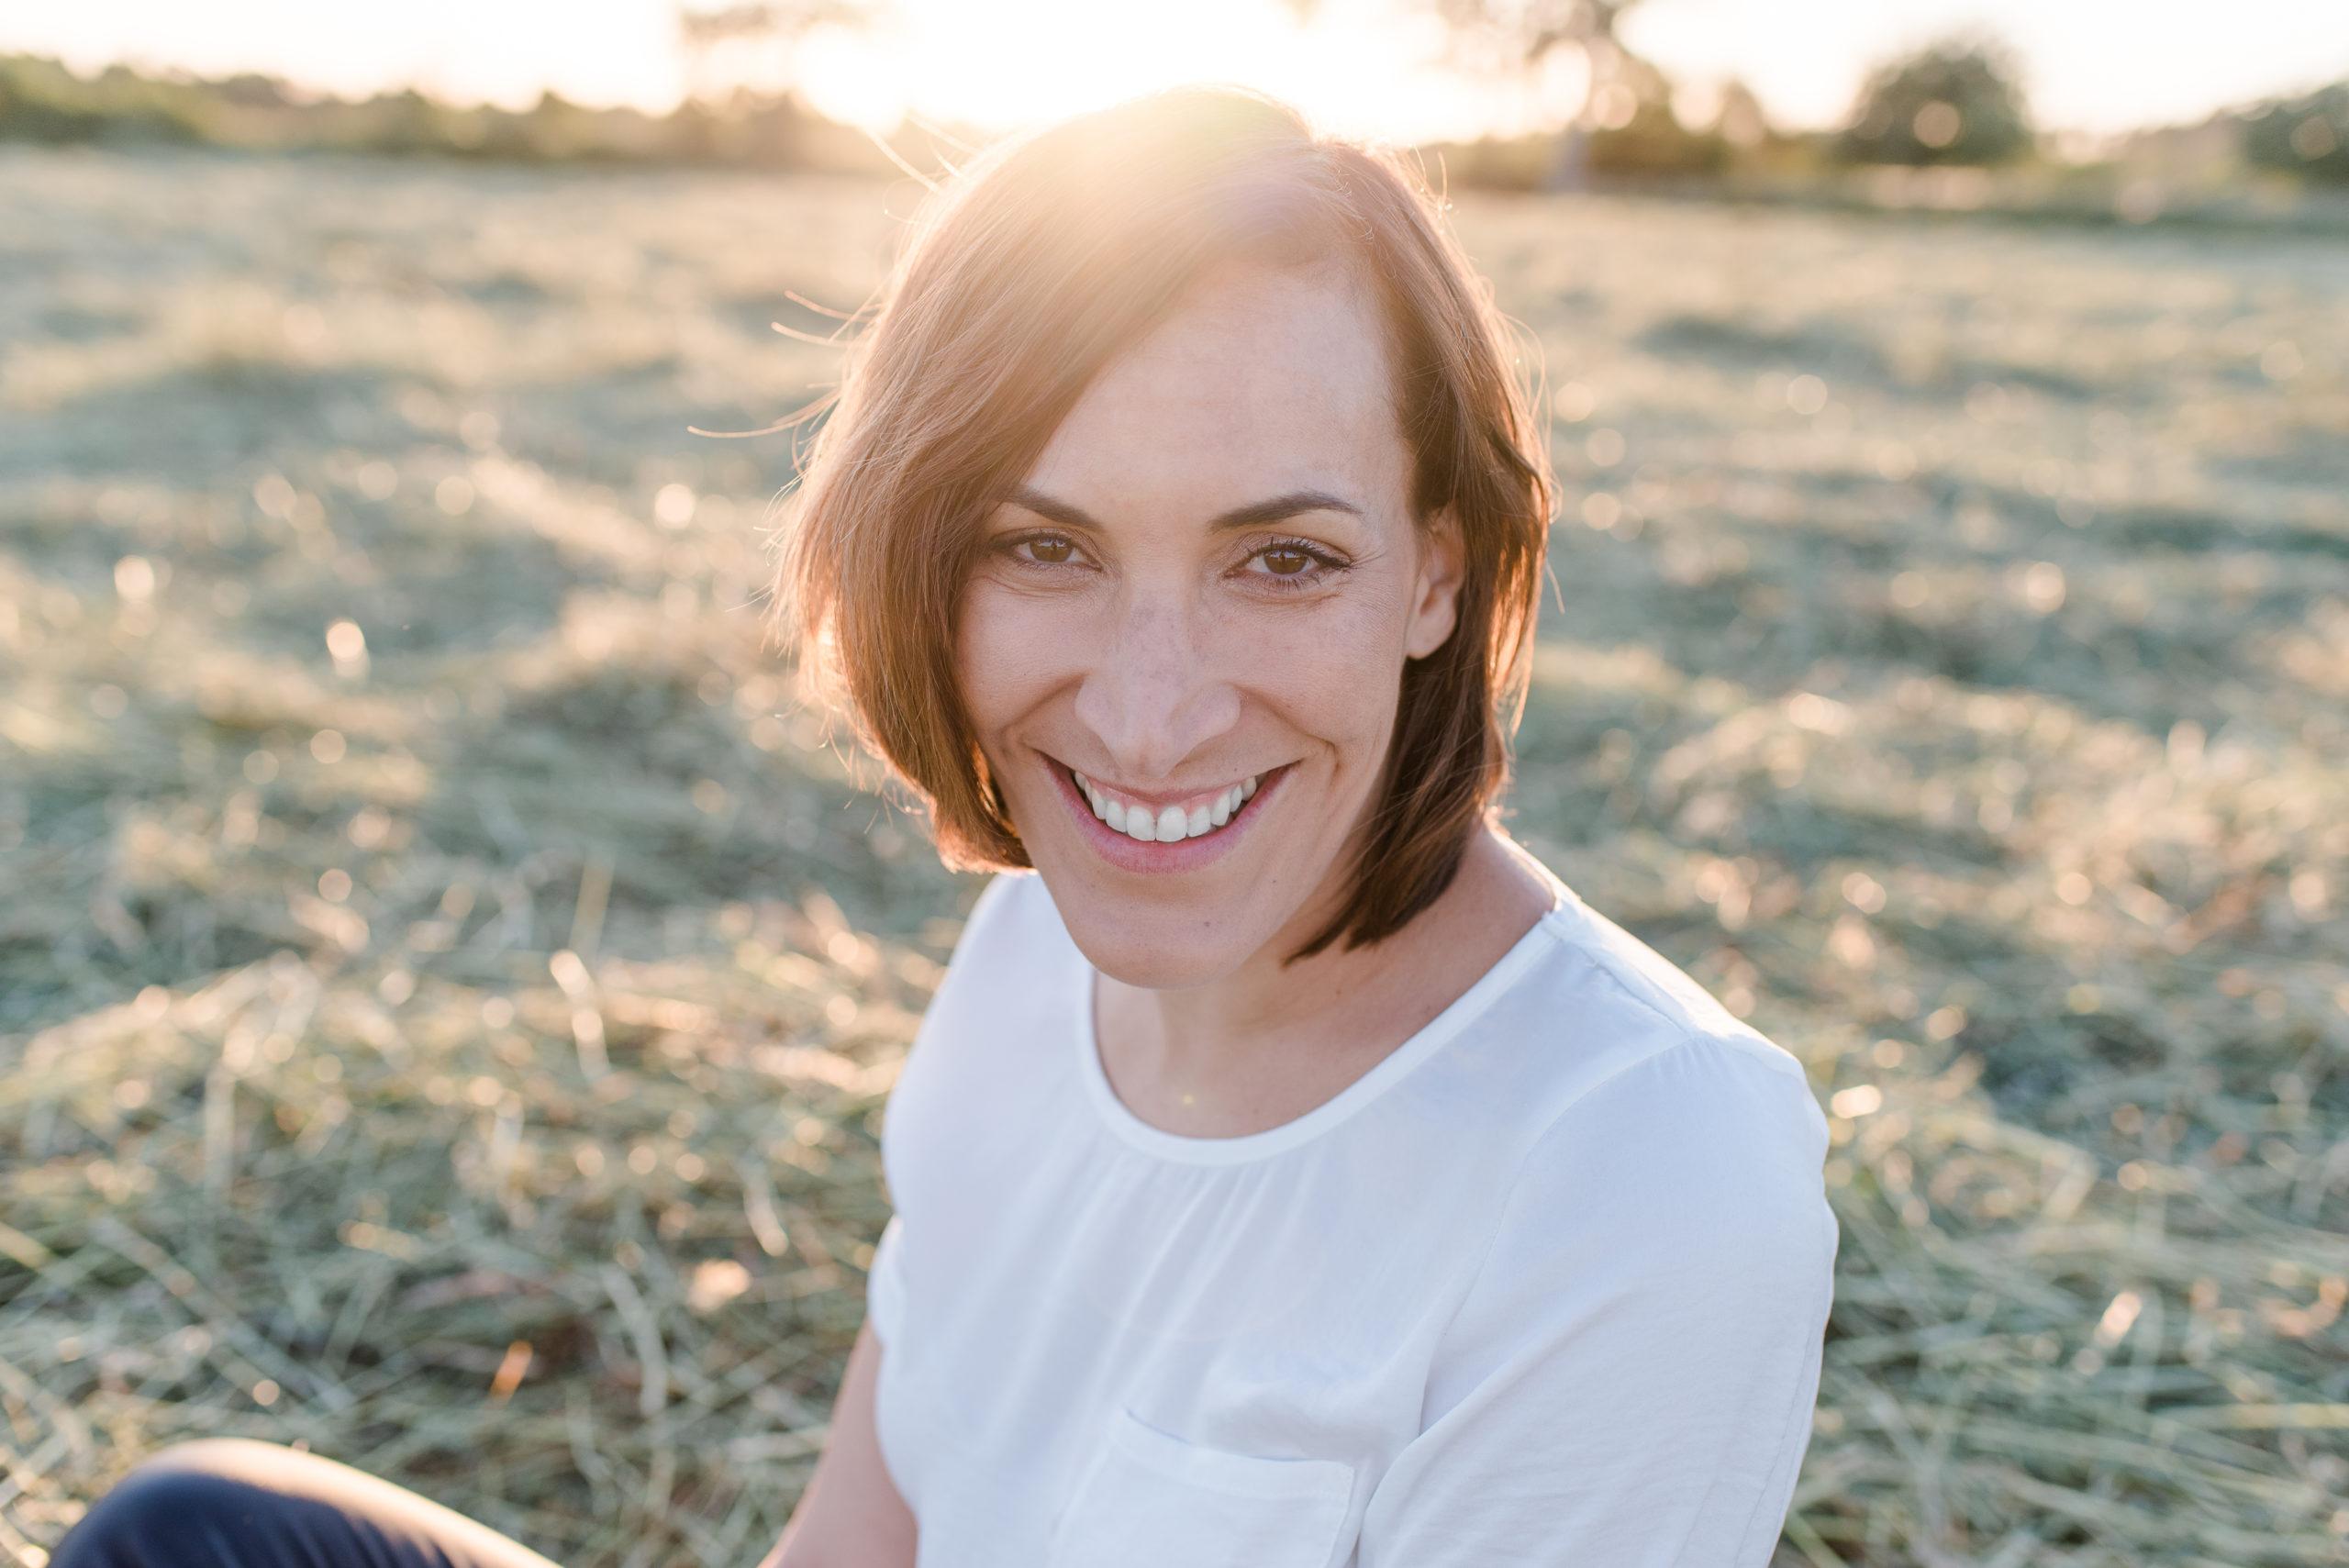 Julia Pitz, Familienfotografin und Coach für Fotografen